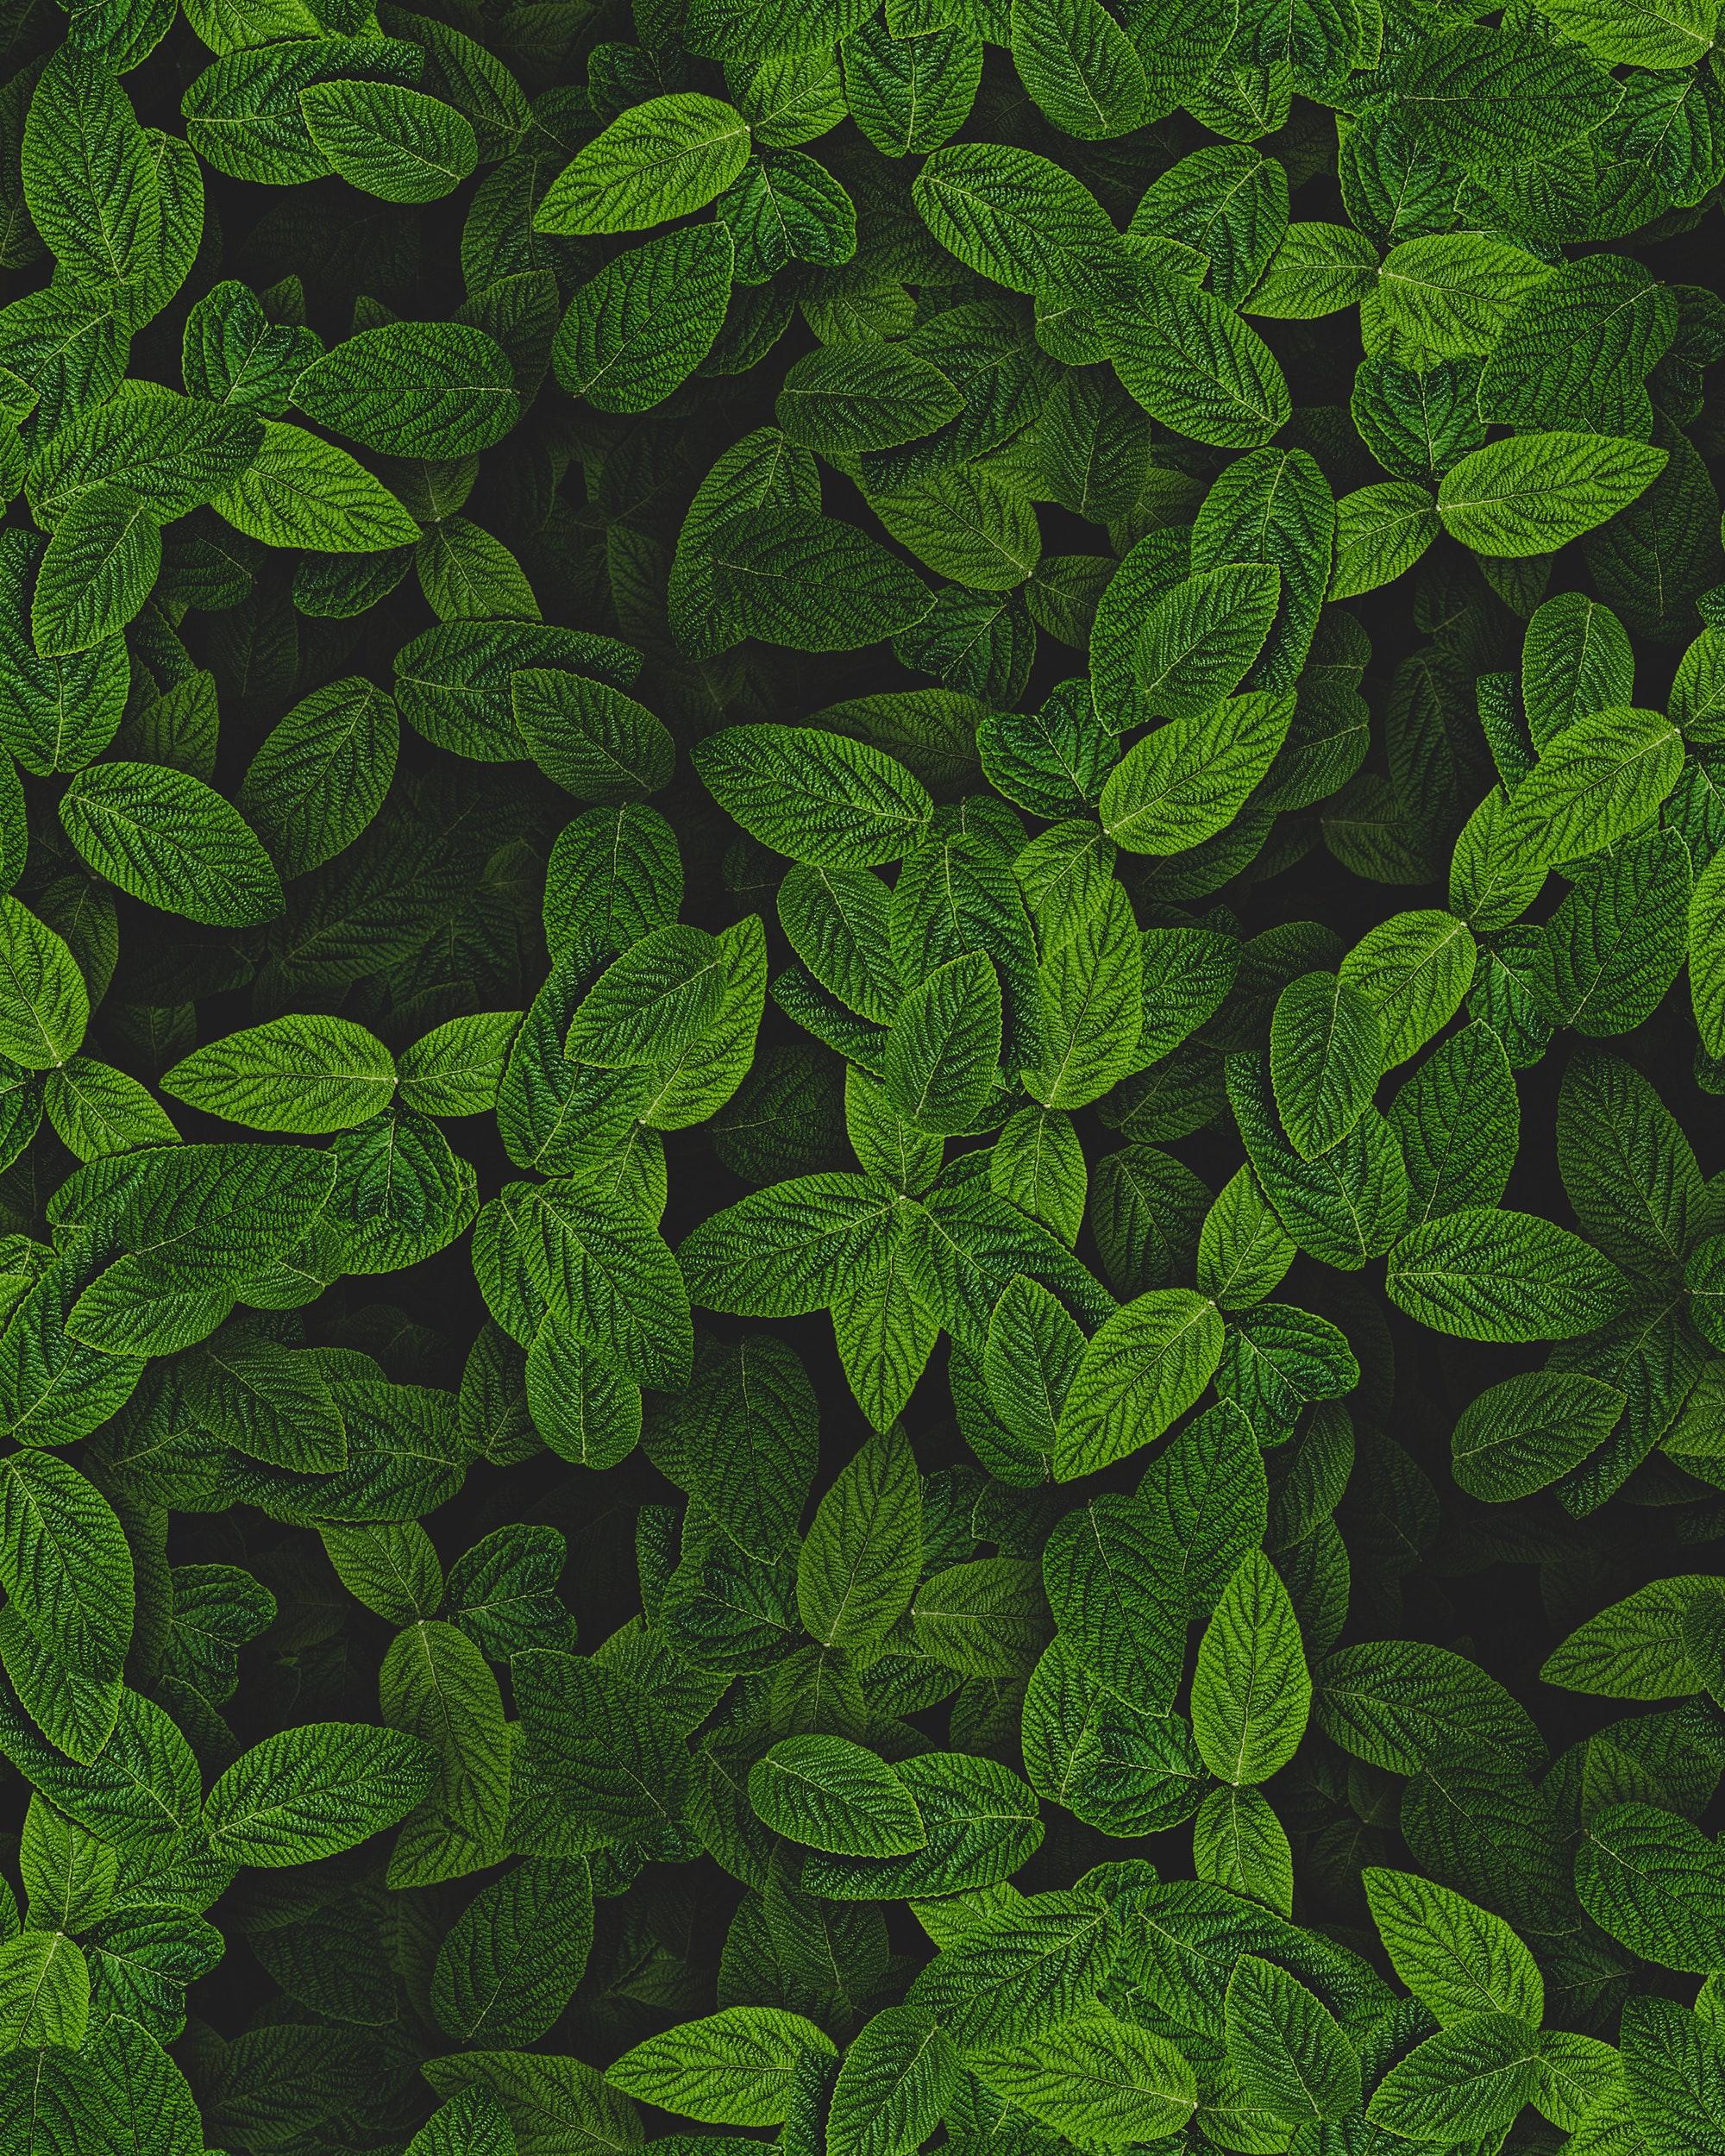 89498 скачать обои Разное, Мята, Листья, Растение, Кусты - заставки и картинки бесплатно